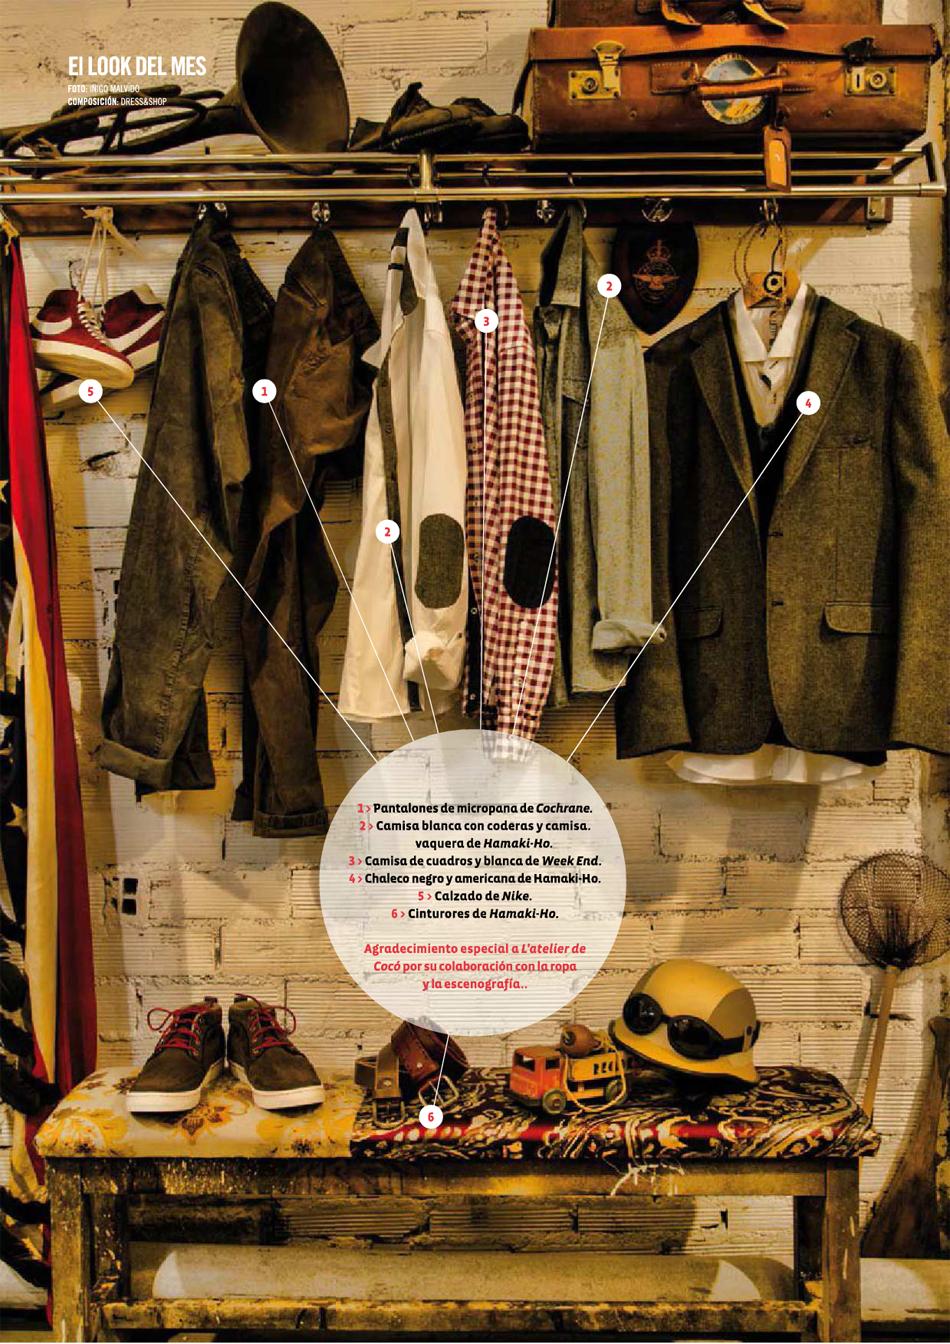 943 Magazine / Look de marzo